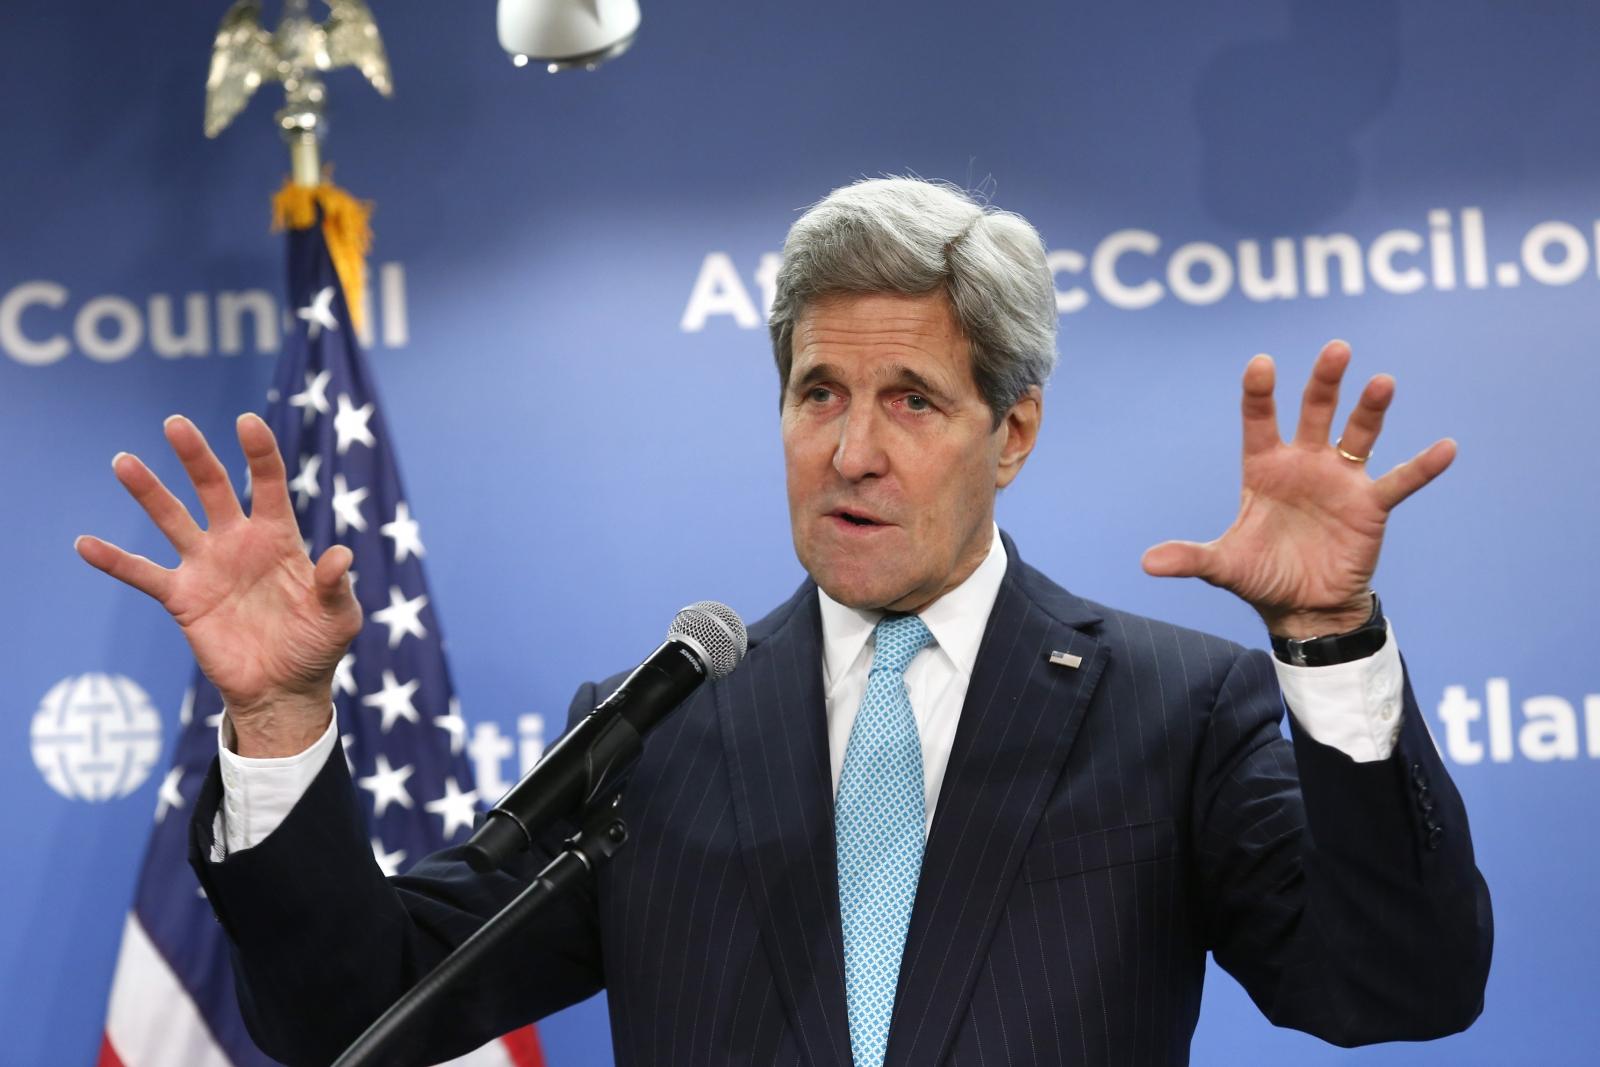 John Kerry Atlantic Council